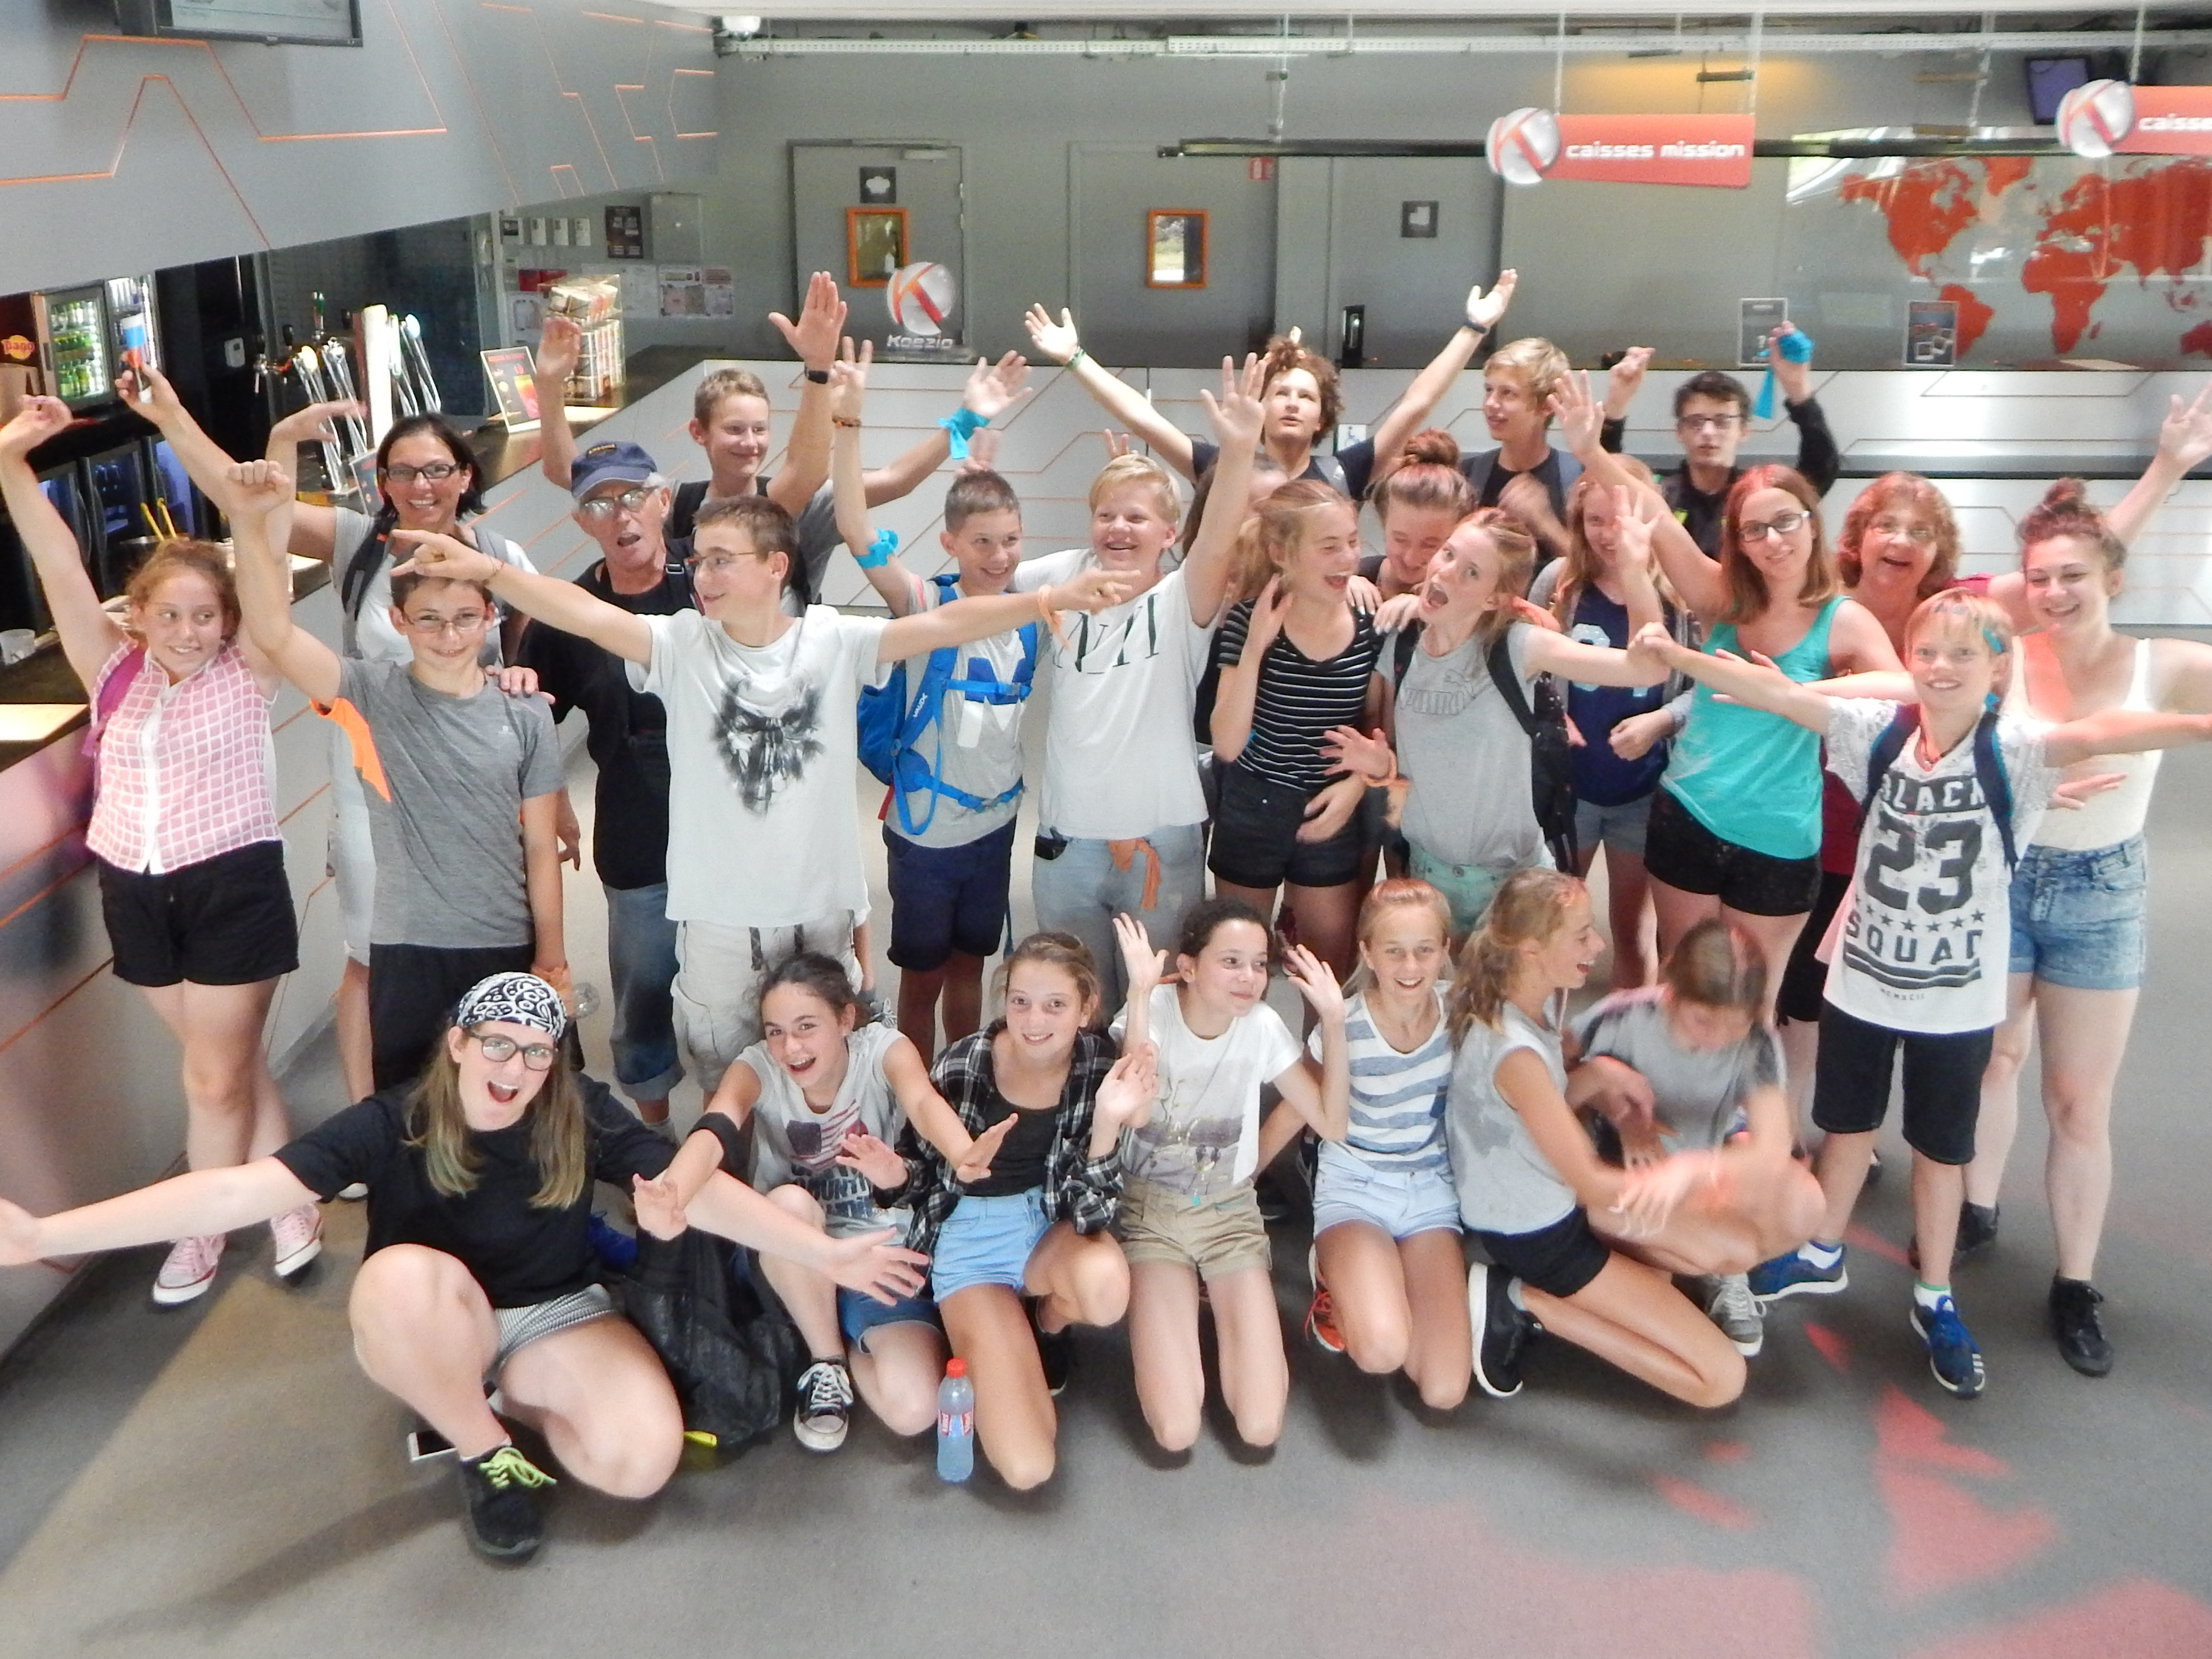 Semaine des jeunes 2017 - Koezio